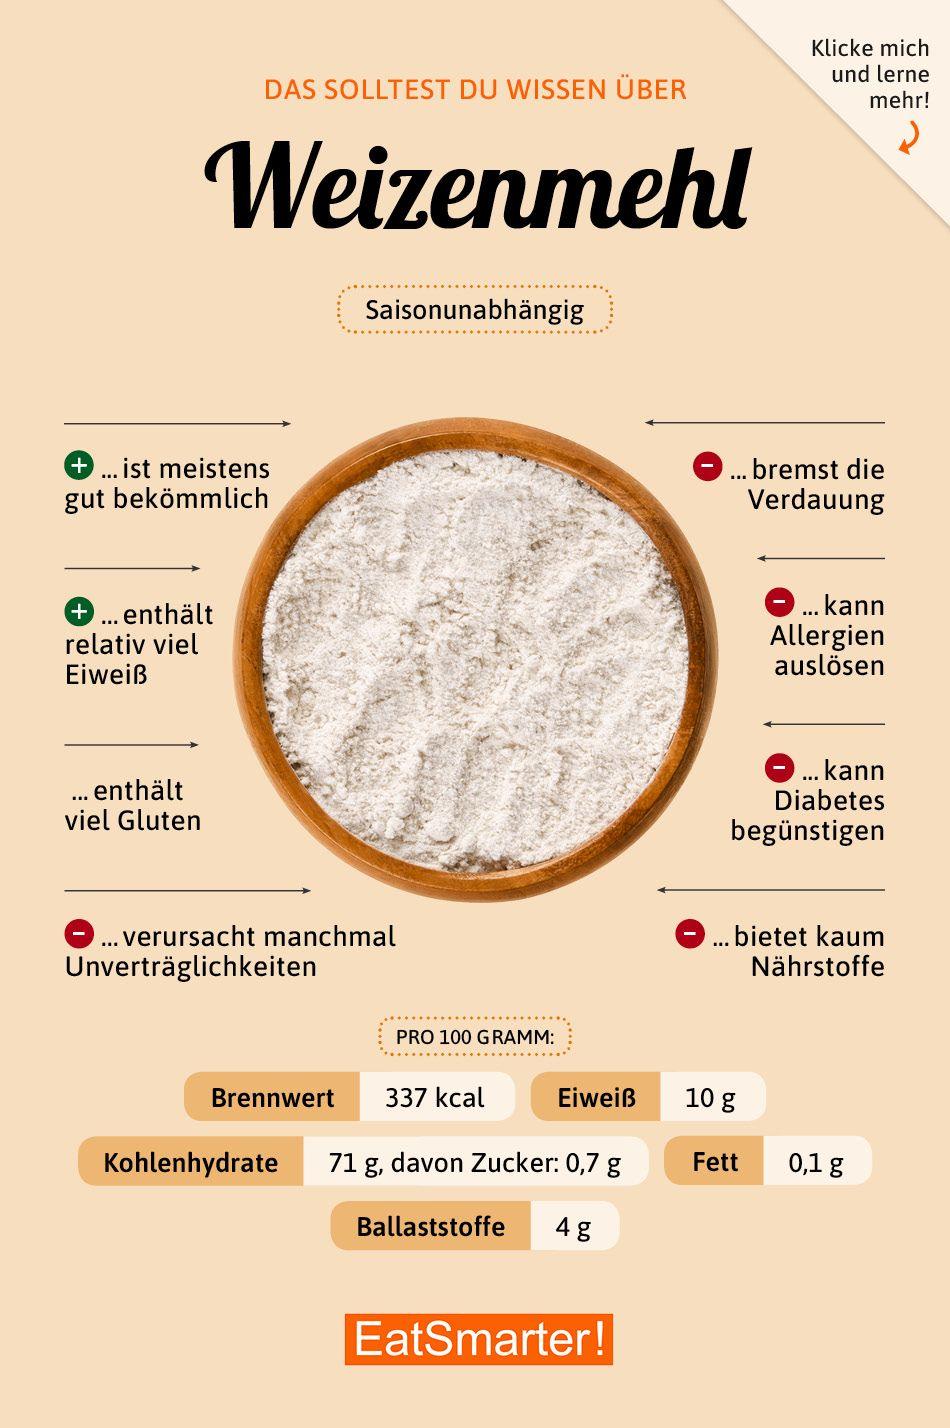 Weizenmehl #nutrition